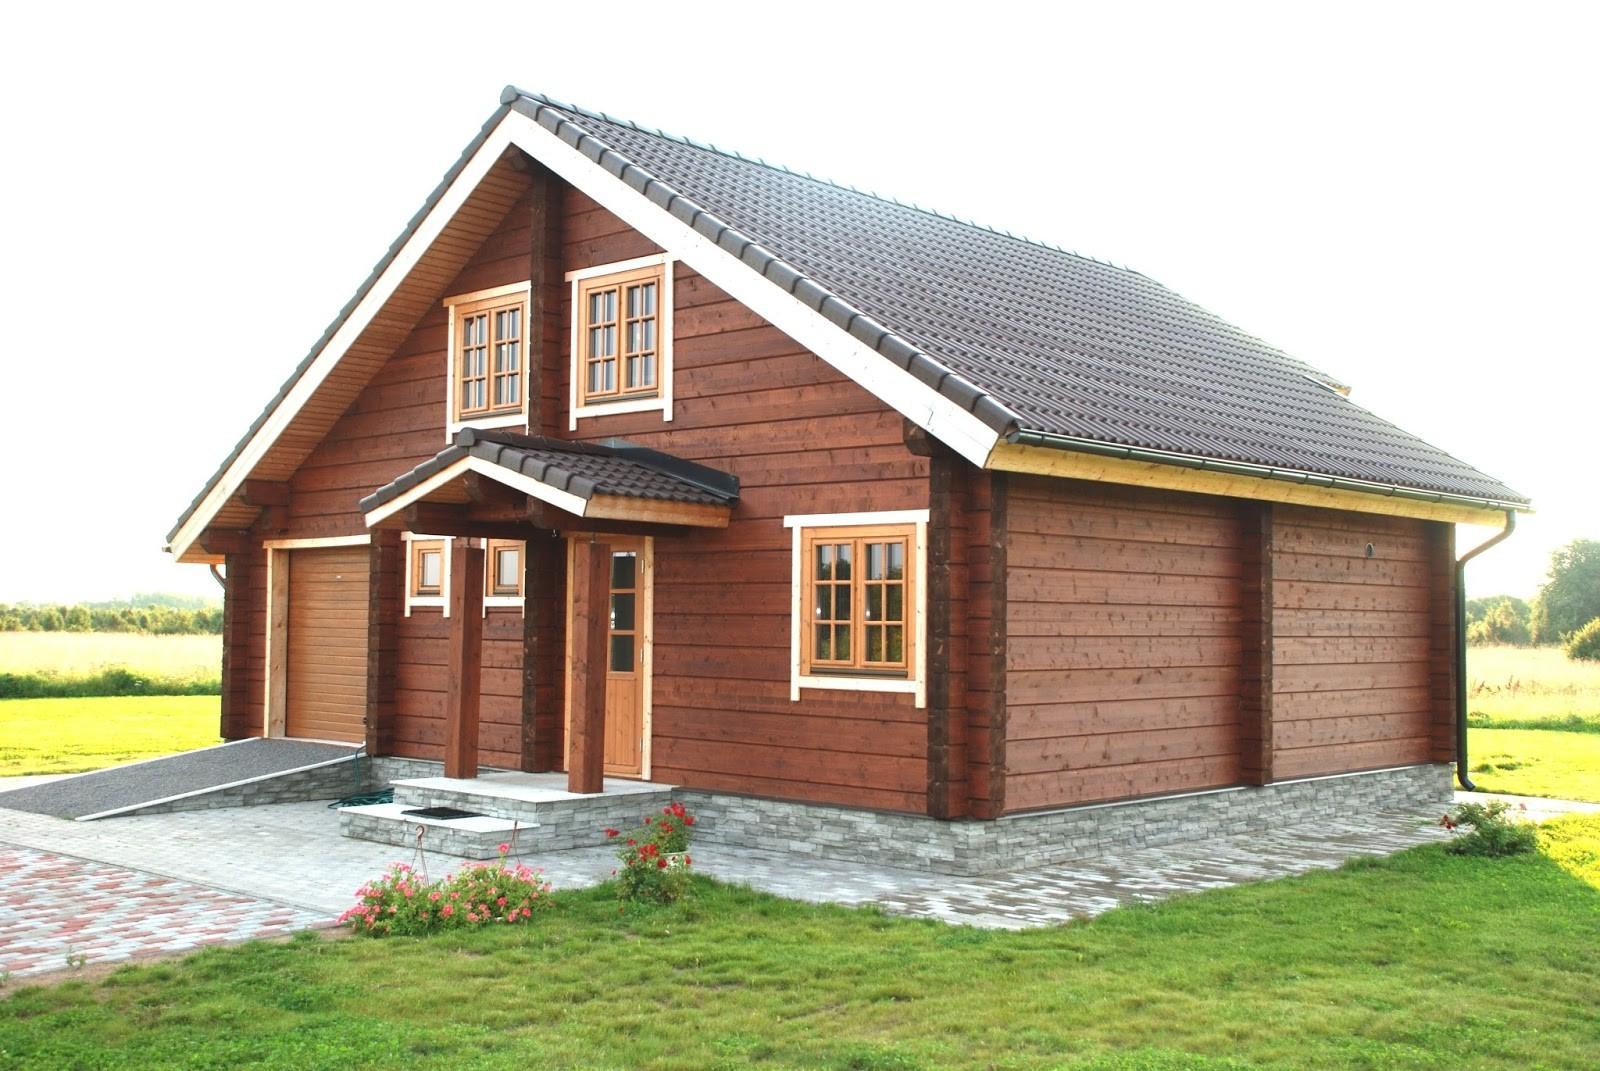 Gambar Rumah Kayu Minimalis 2 Lantai Desain Rumah Minimalis